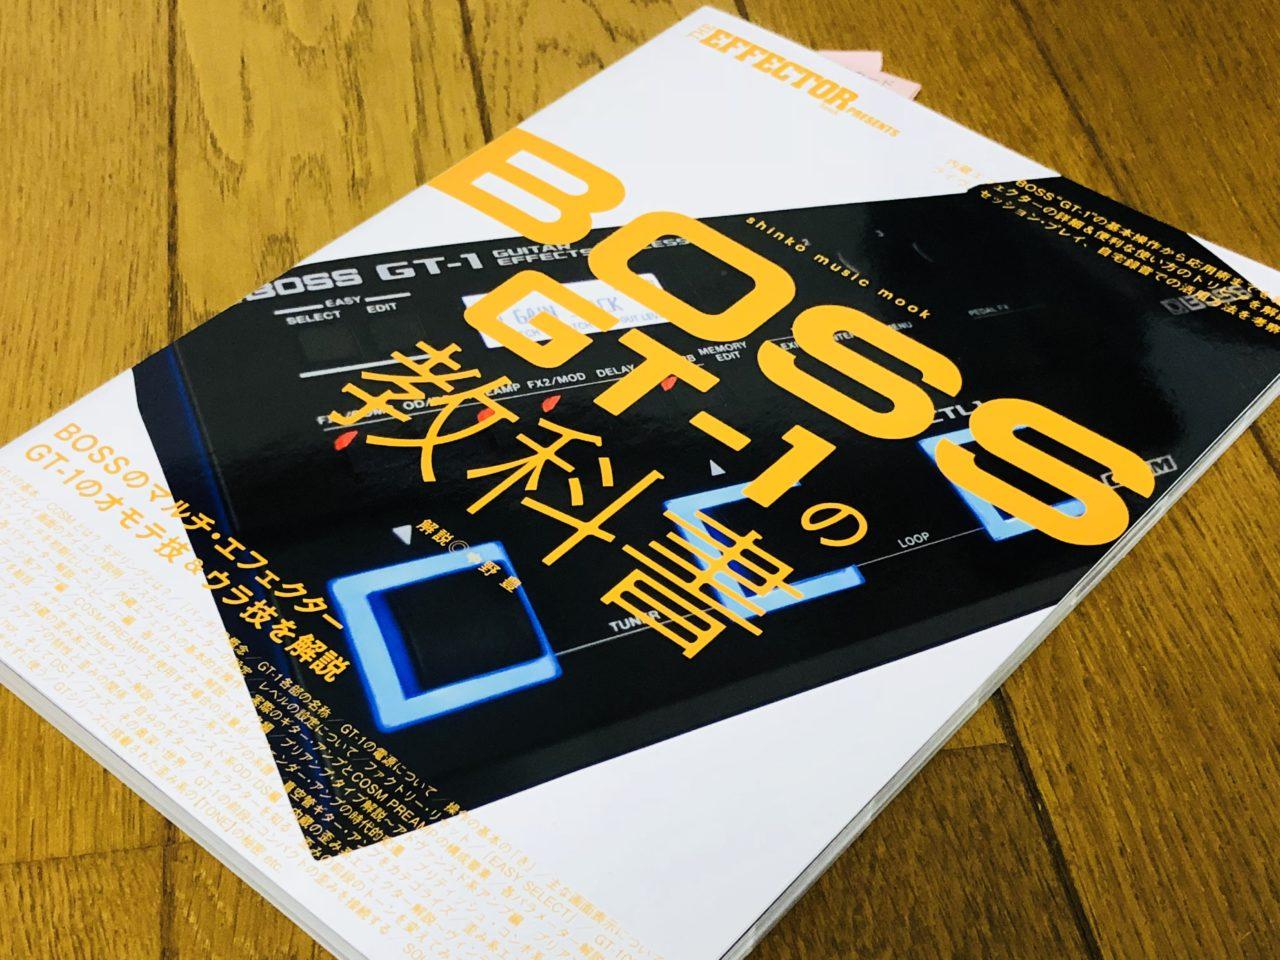 【レビュー】書籍「BOSS GT-1の教科書」にはすぐに使えるテクニックや知識が載ってるよ